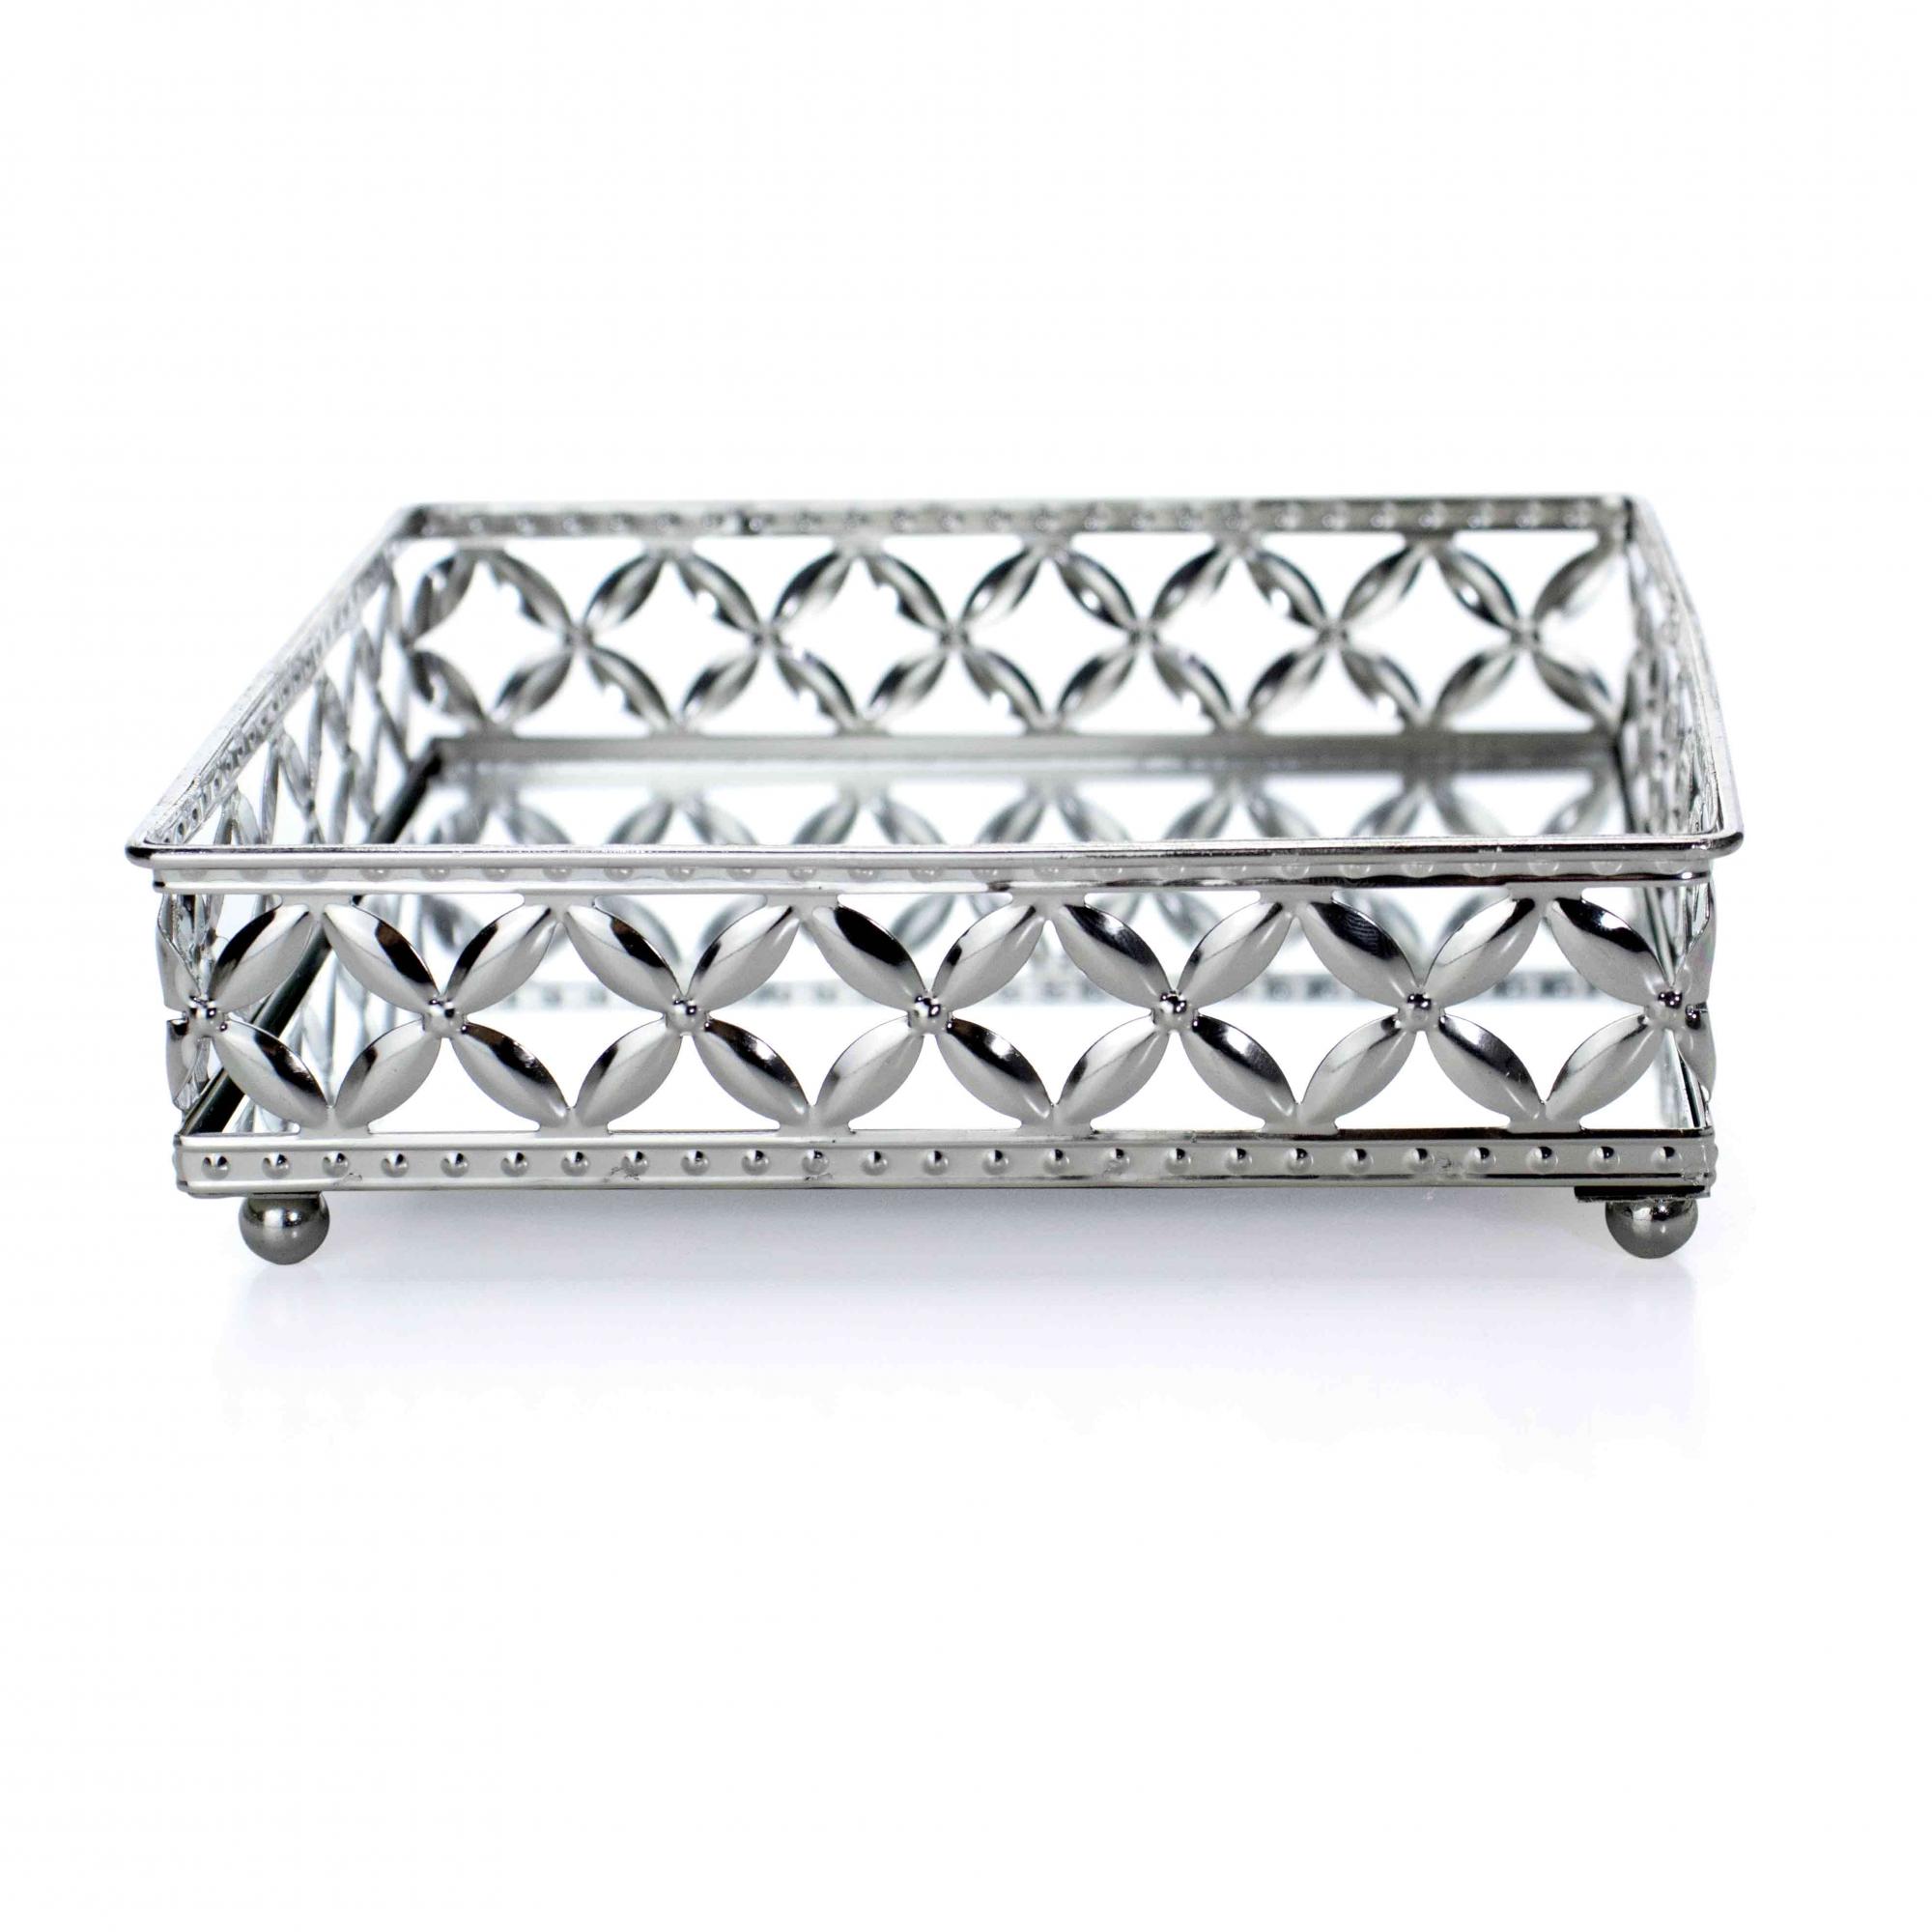 Bandeja Decorativa Quadrada P em Metal Prata com Espelho 5x17,5 cm - D'Rossi